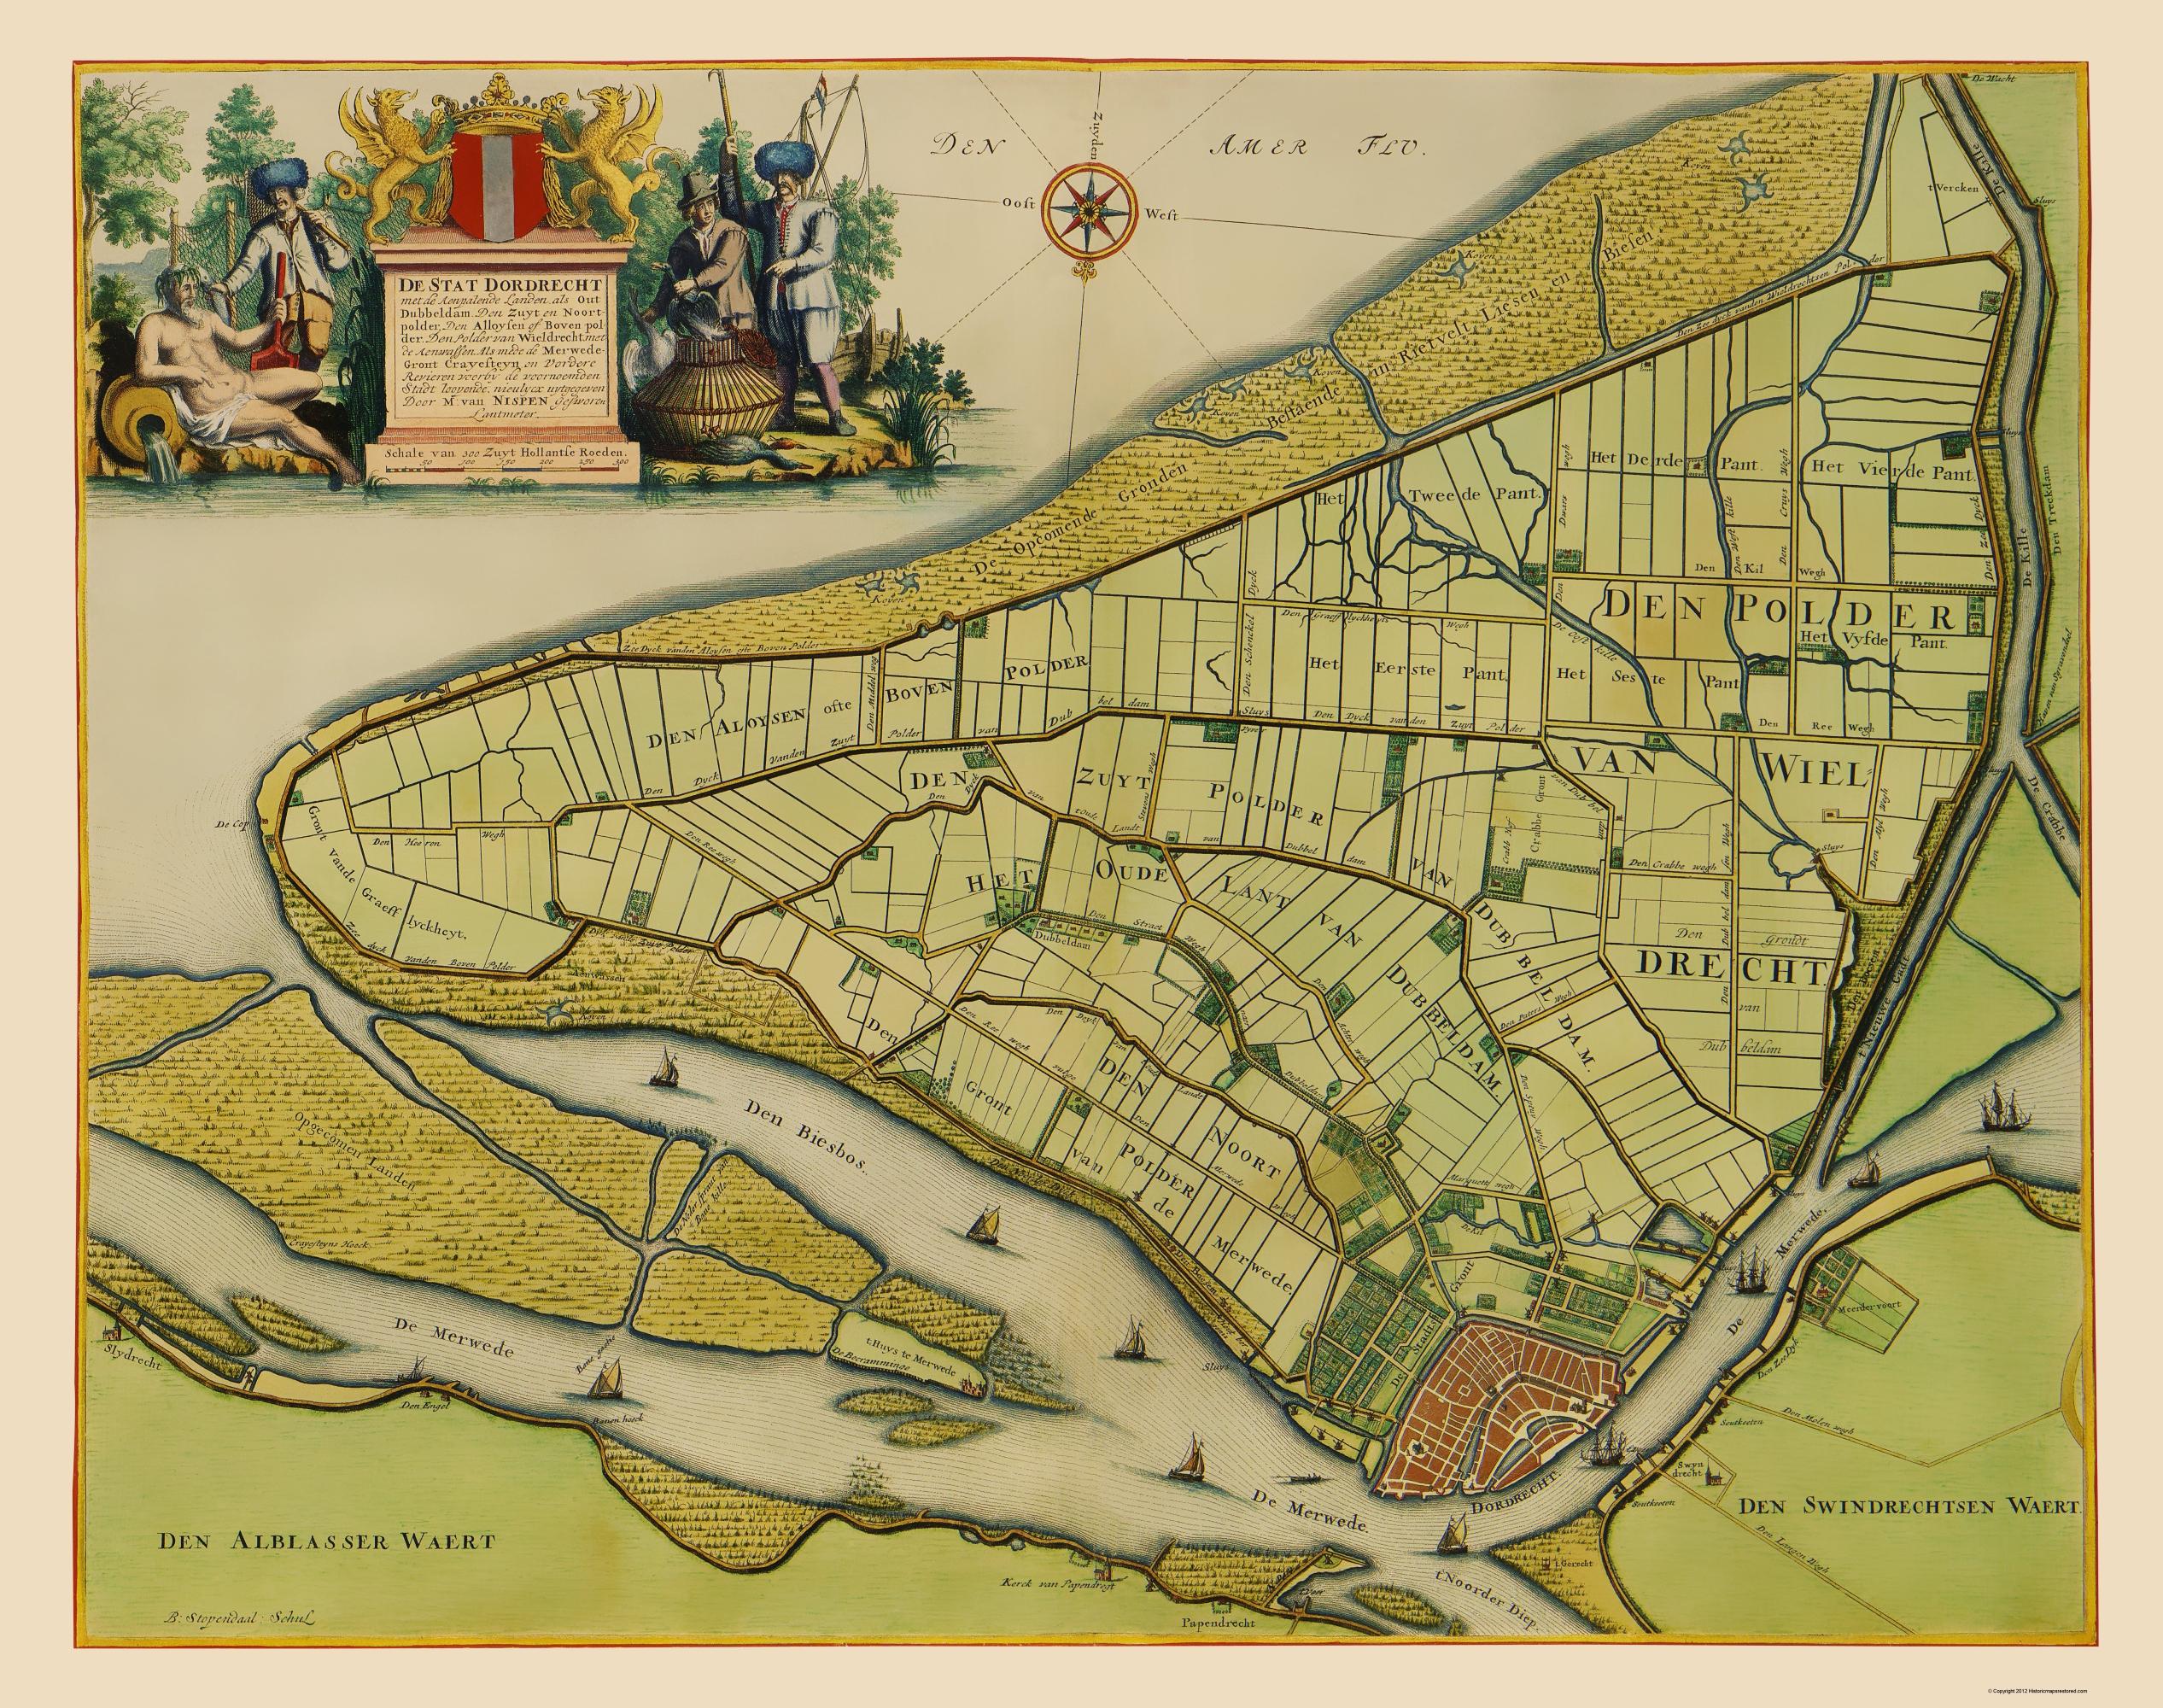 Old Netherlands Map Dordrecht Van Nispen 1673